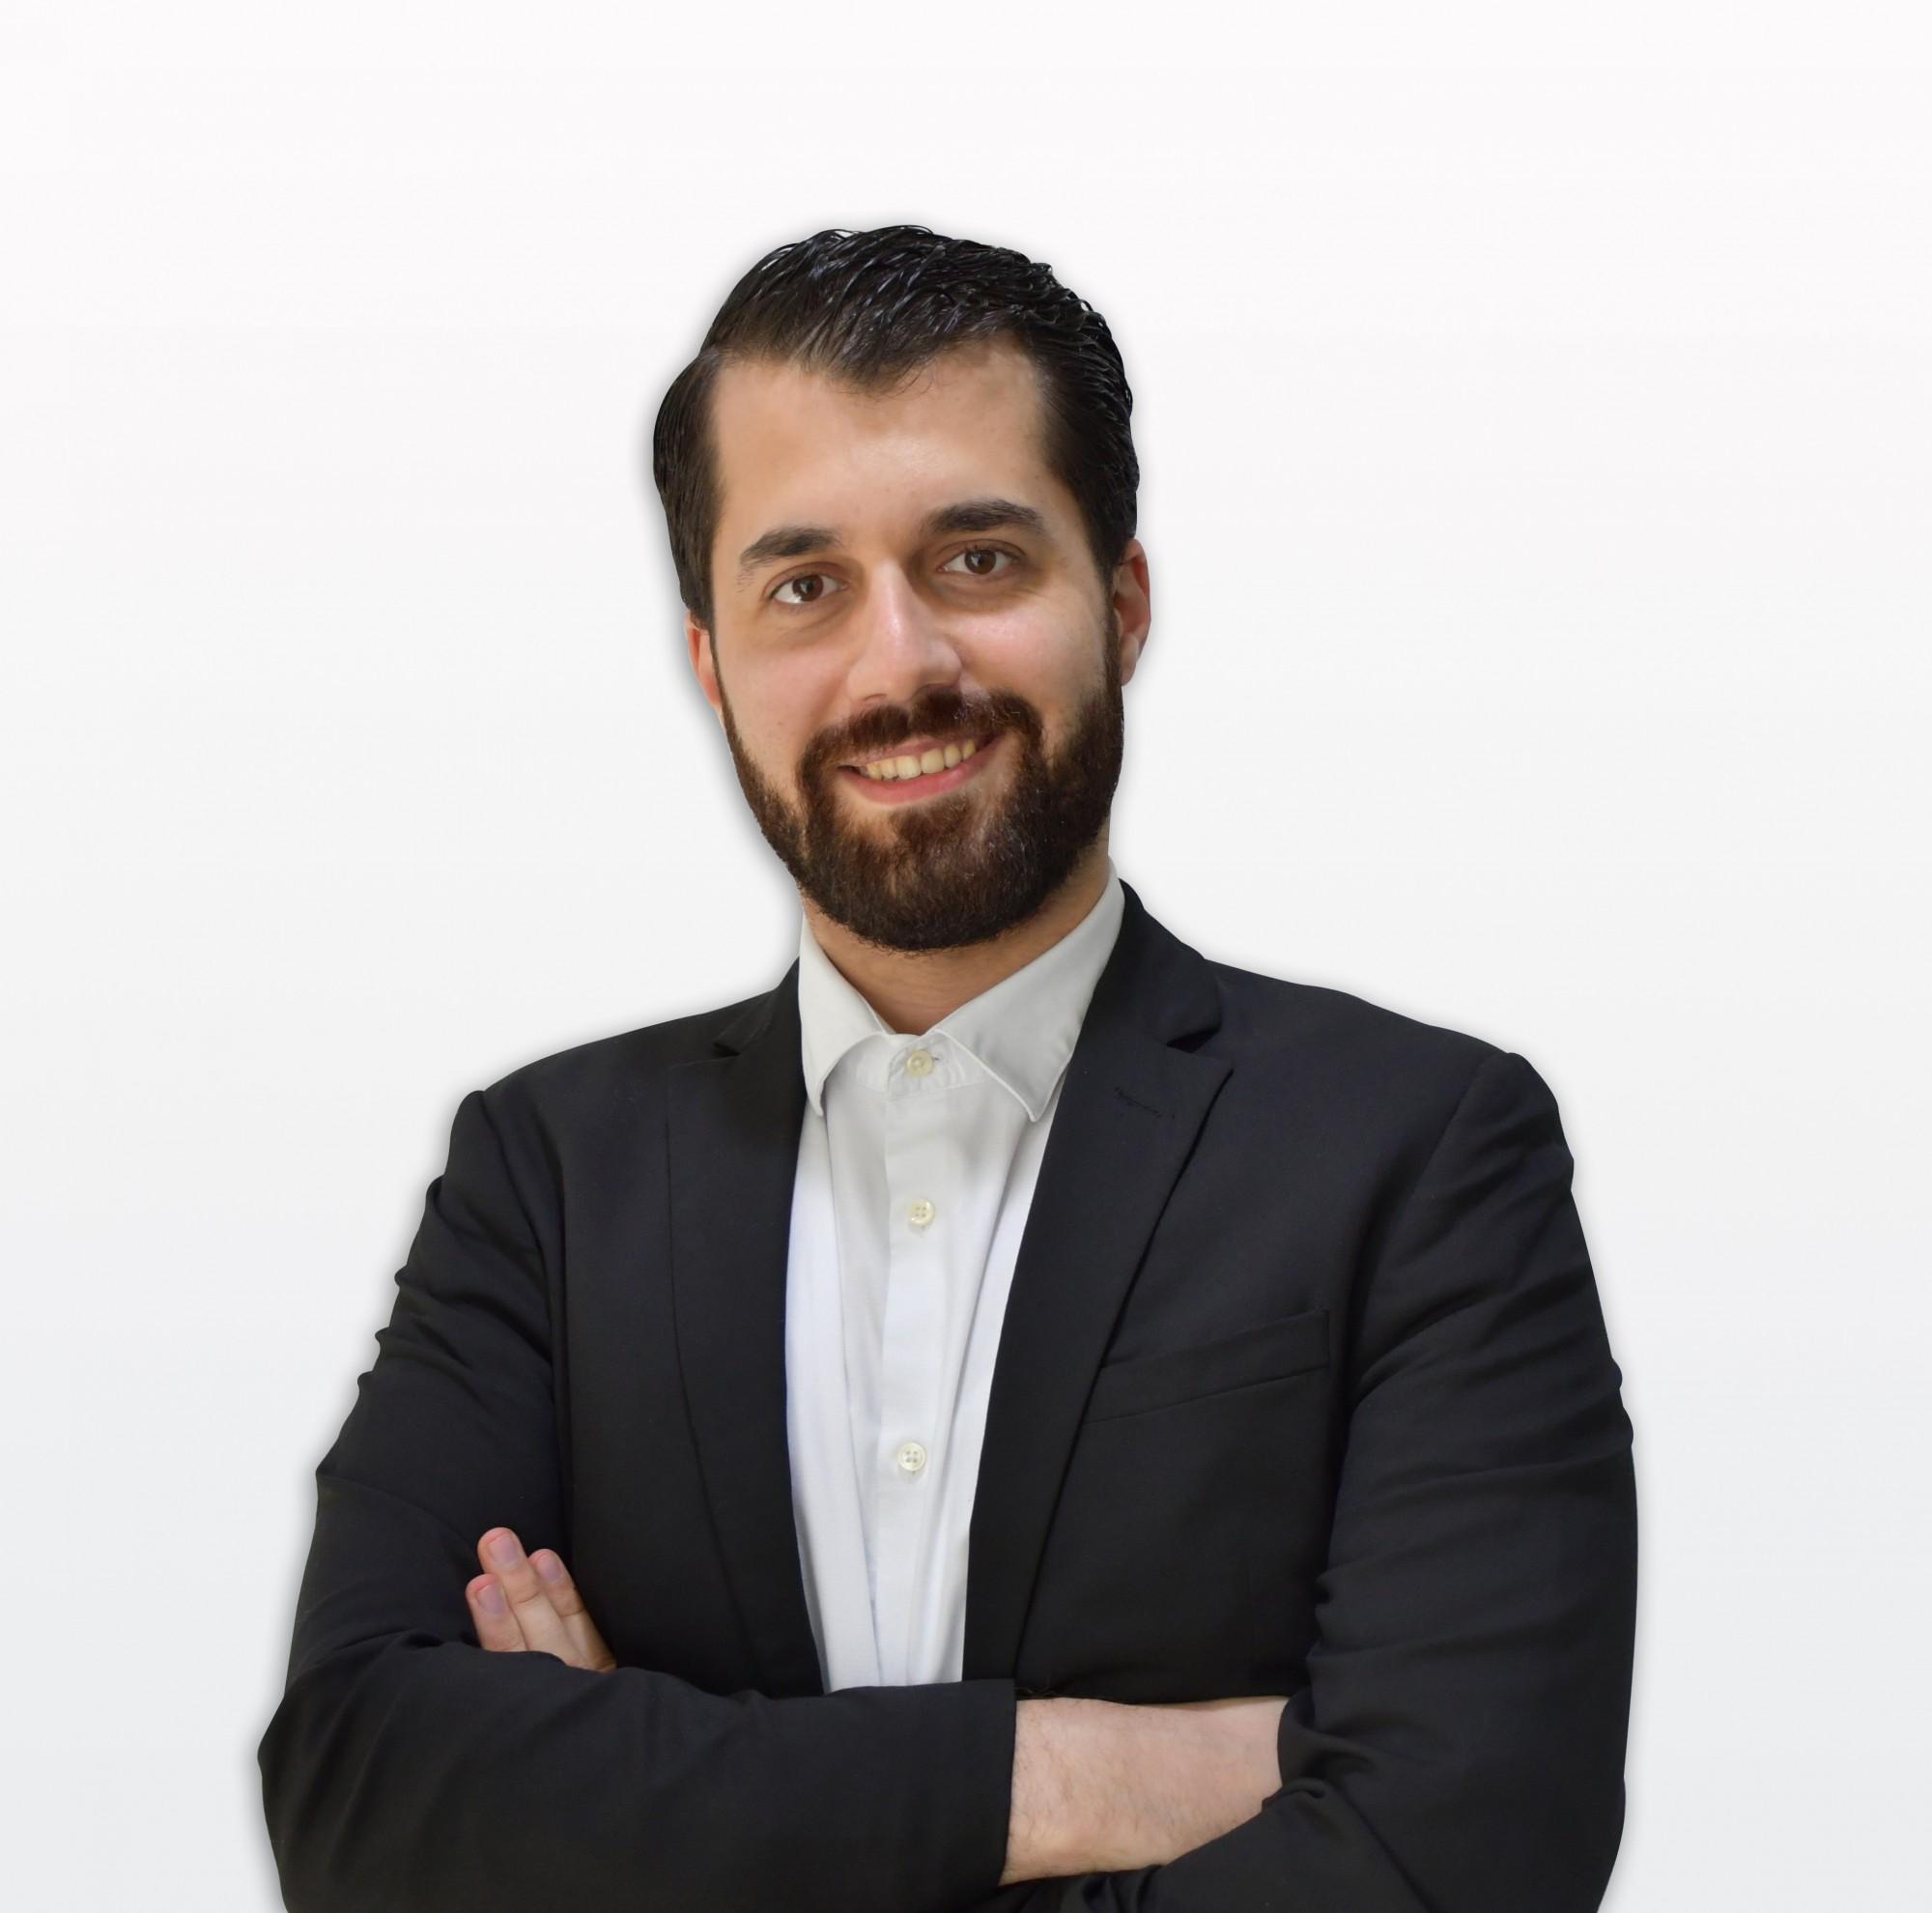 Aiham Sheikhane